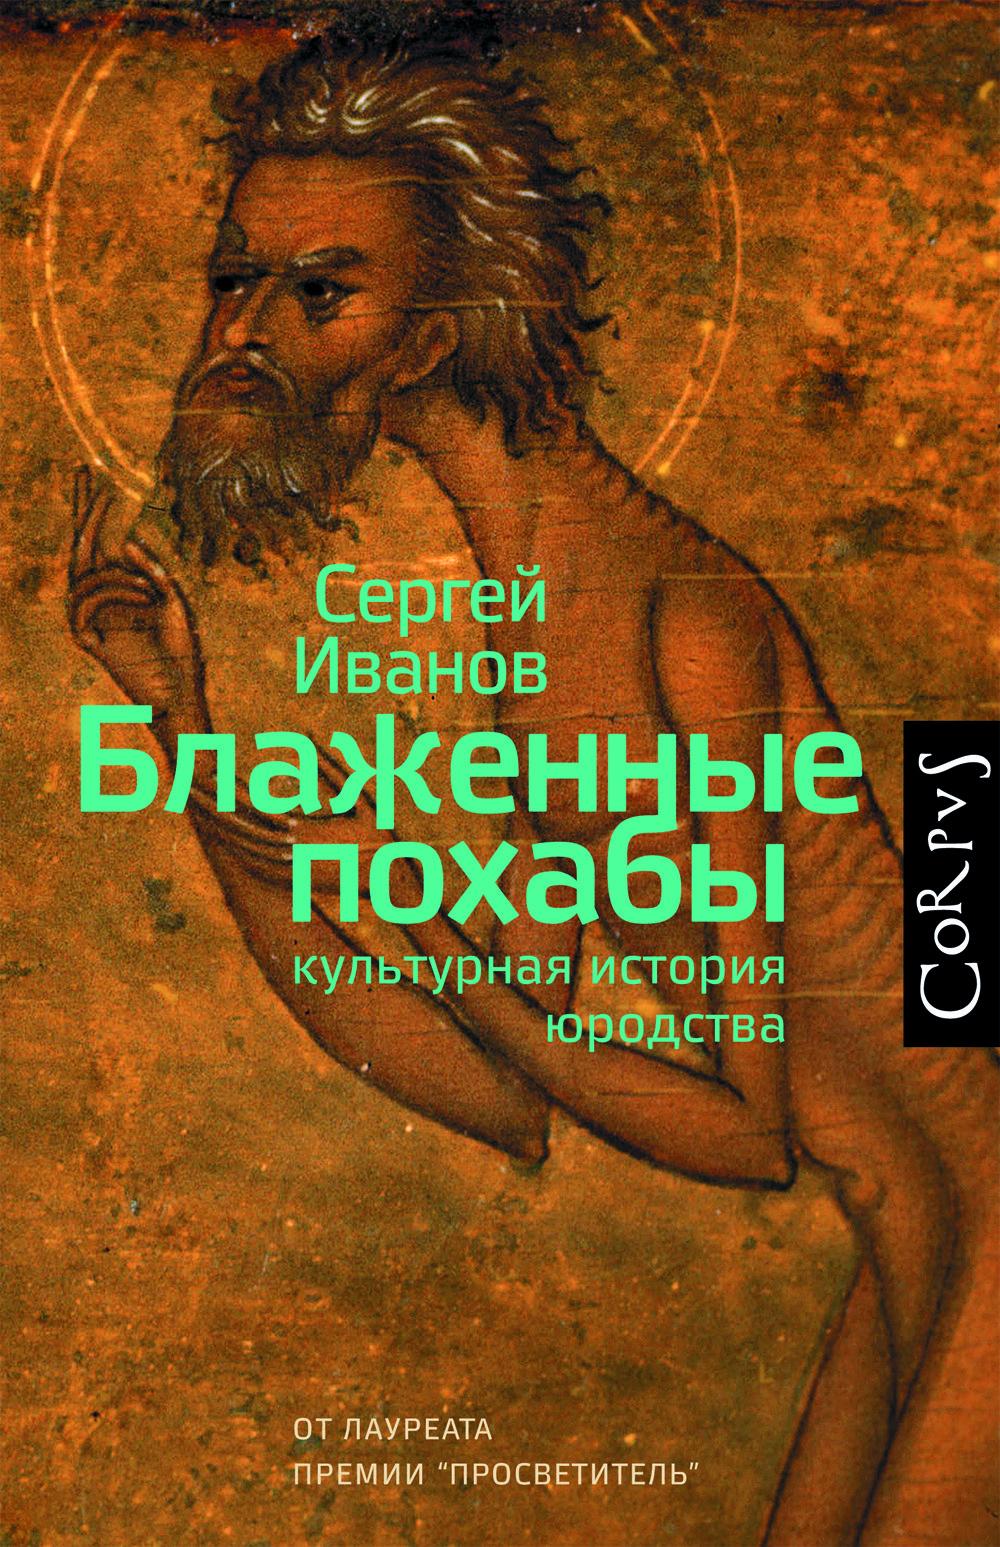 Сергей Иванов «Блаженные похабы. Культурная история юродства»